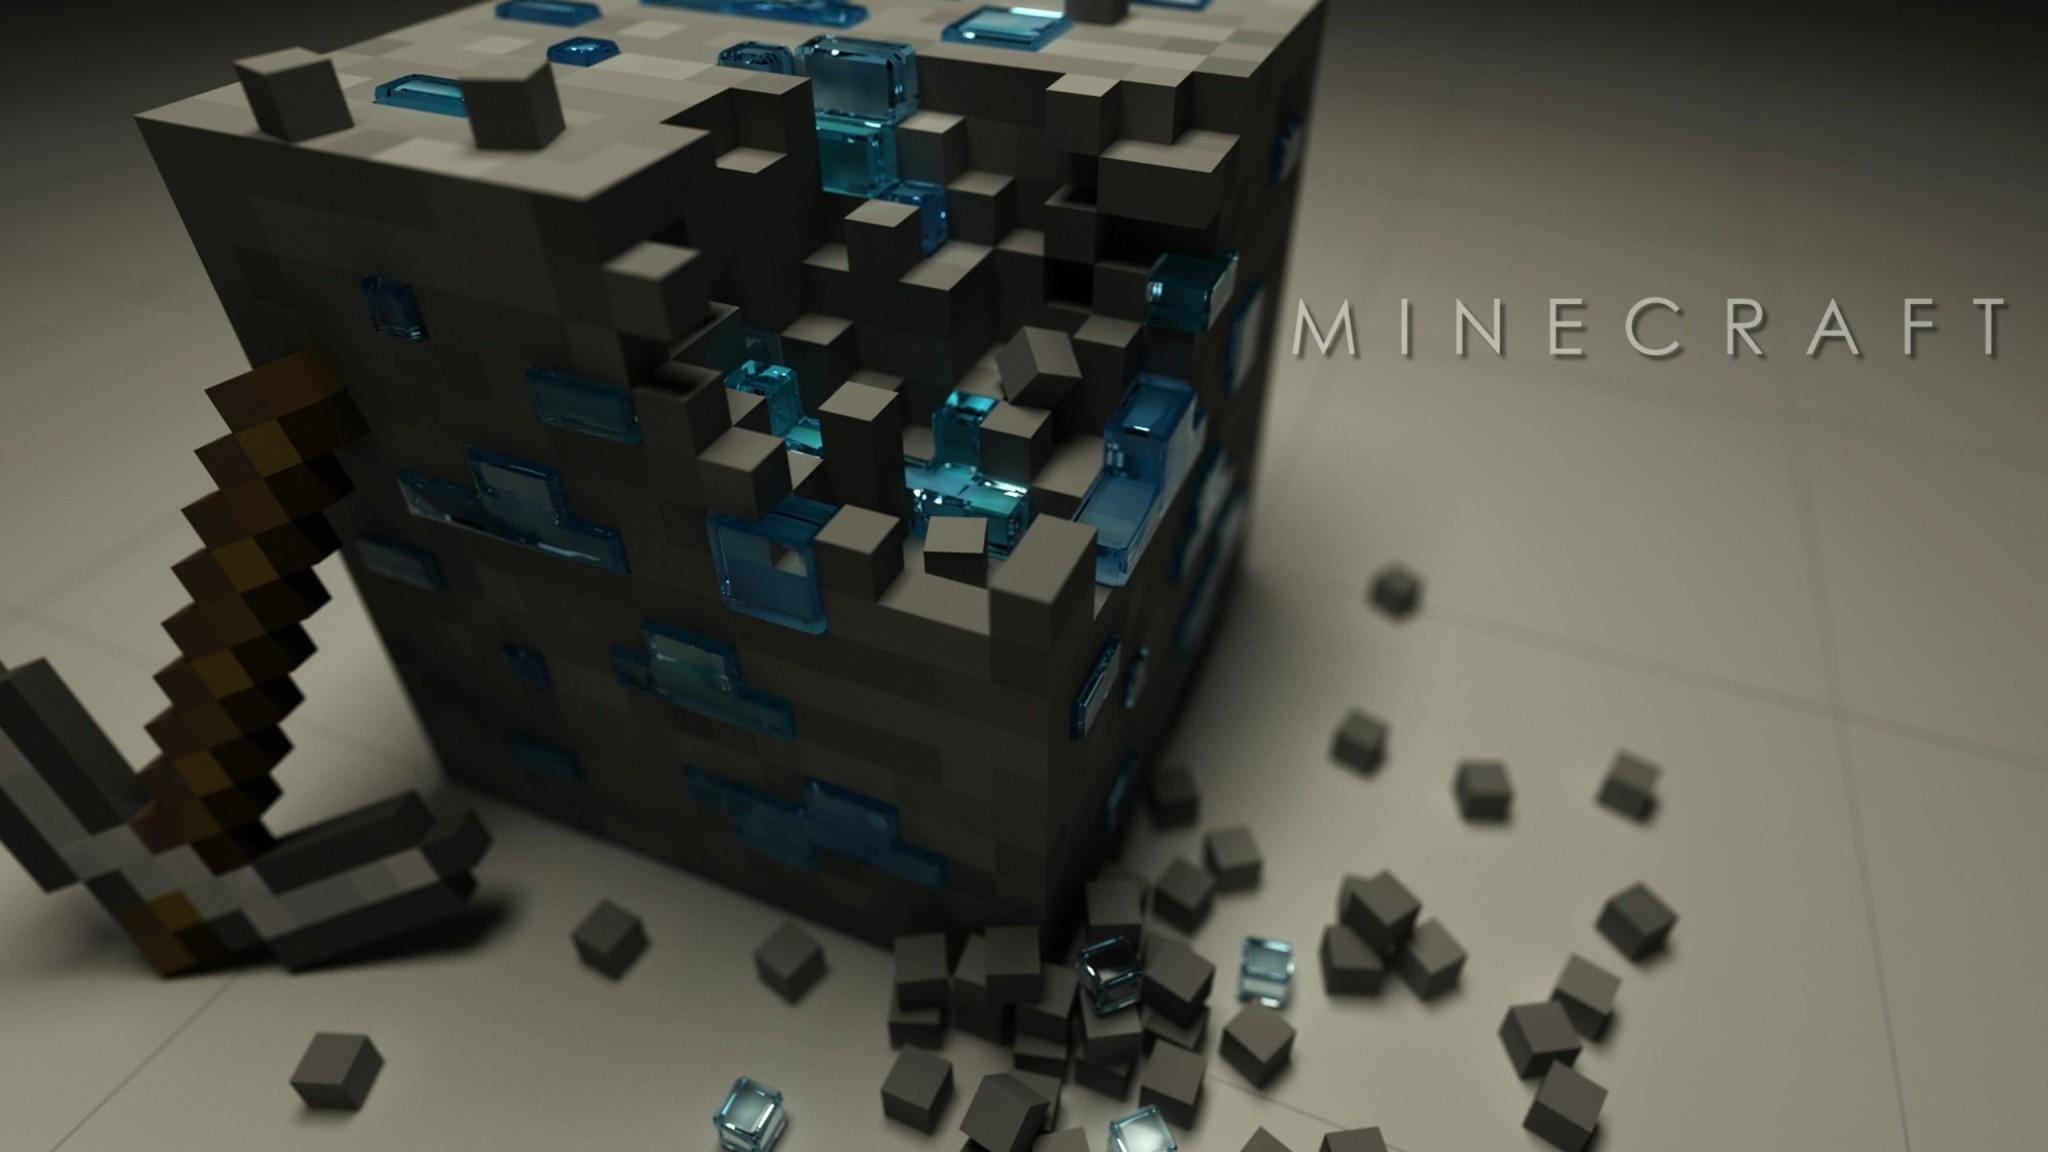 Minecraft   Game  Indie  Minecraft  Pickaxe  Computer HD Wallpaper